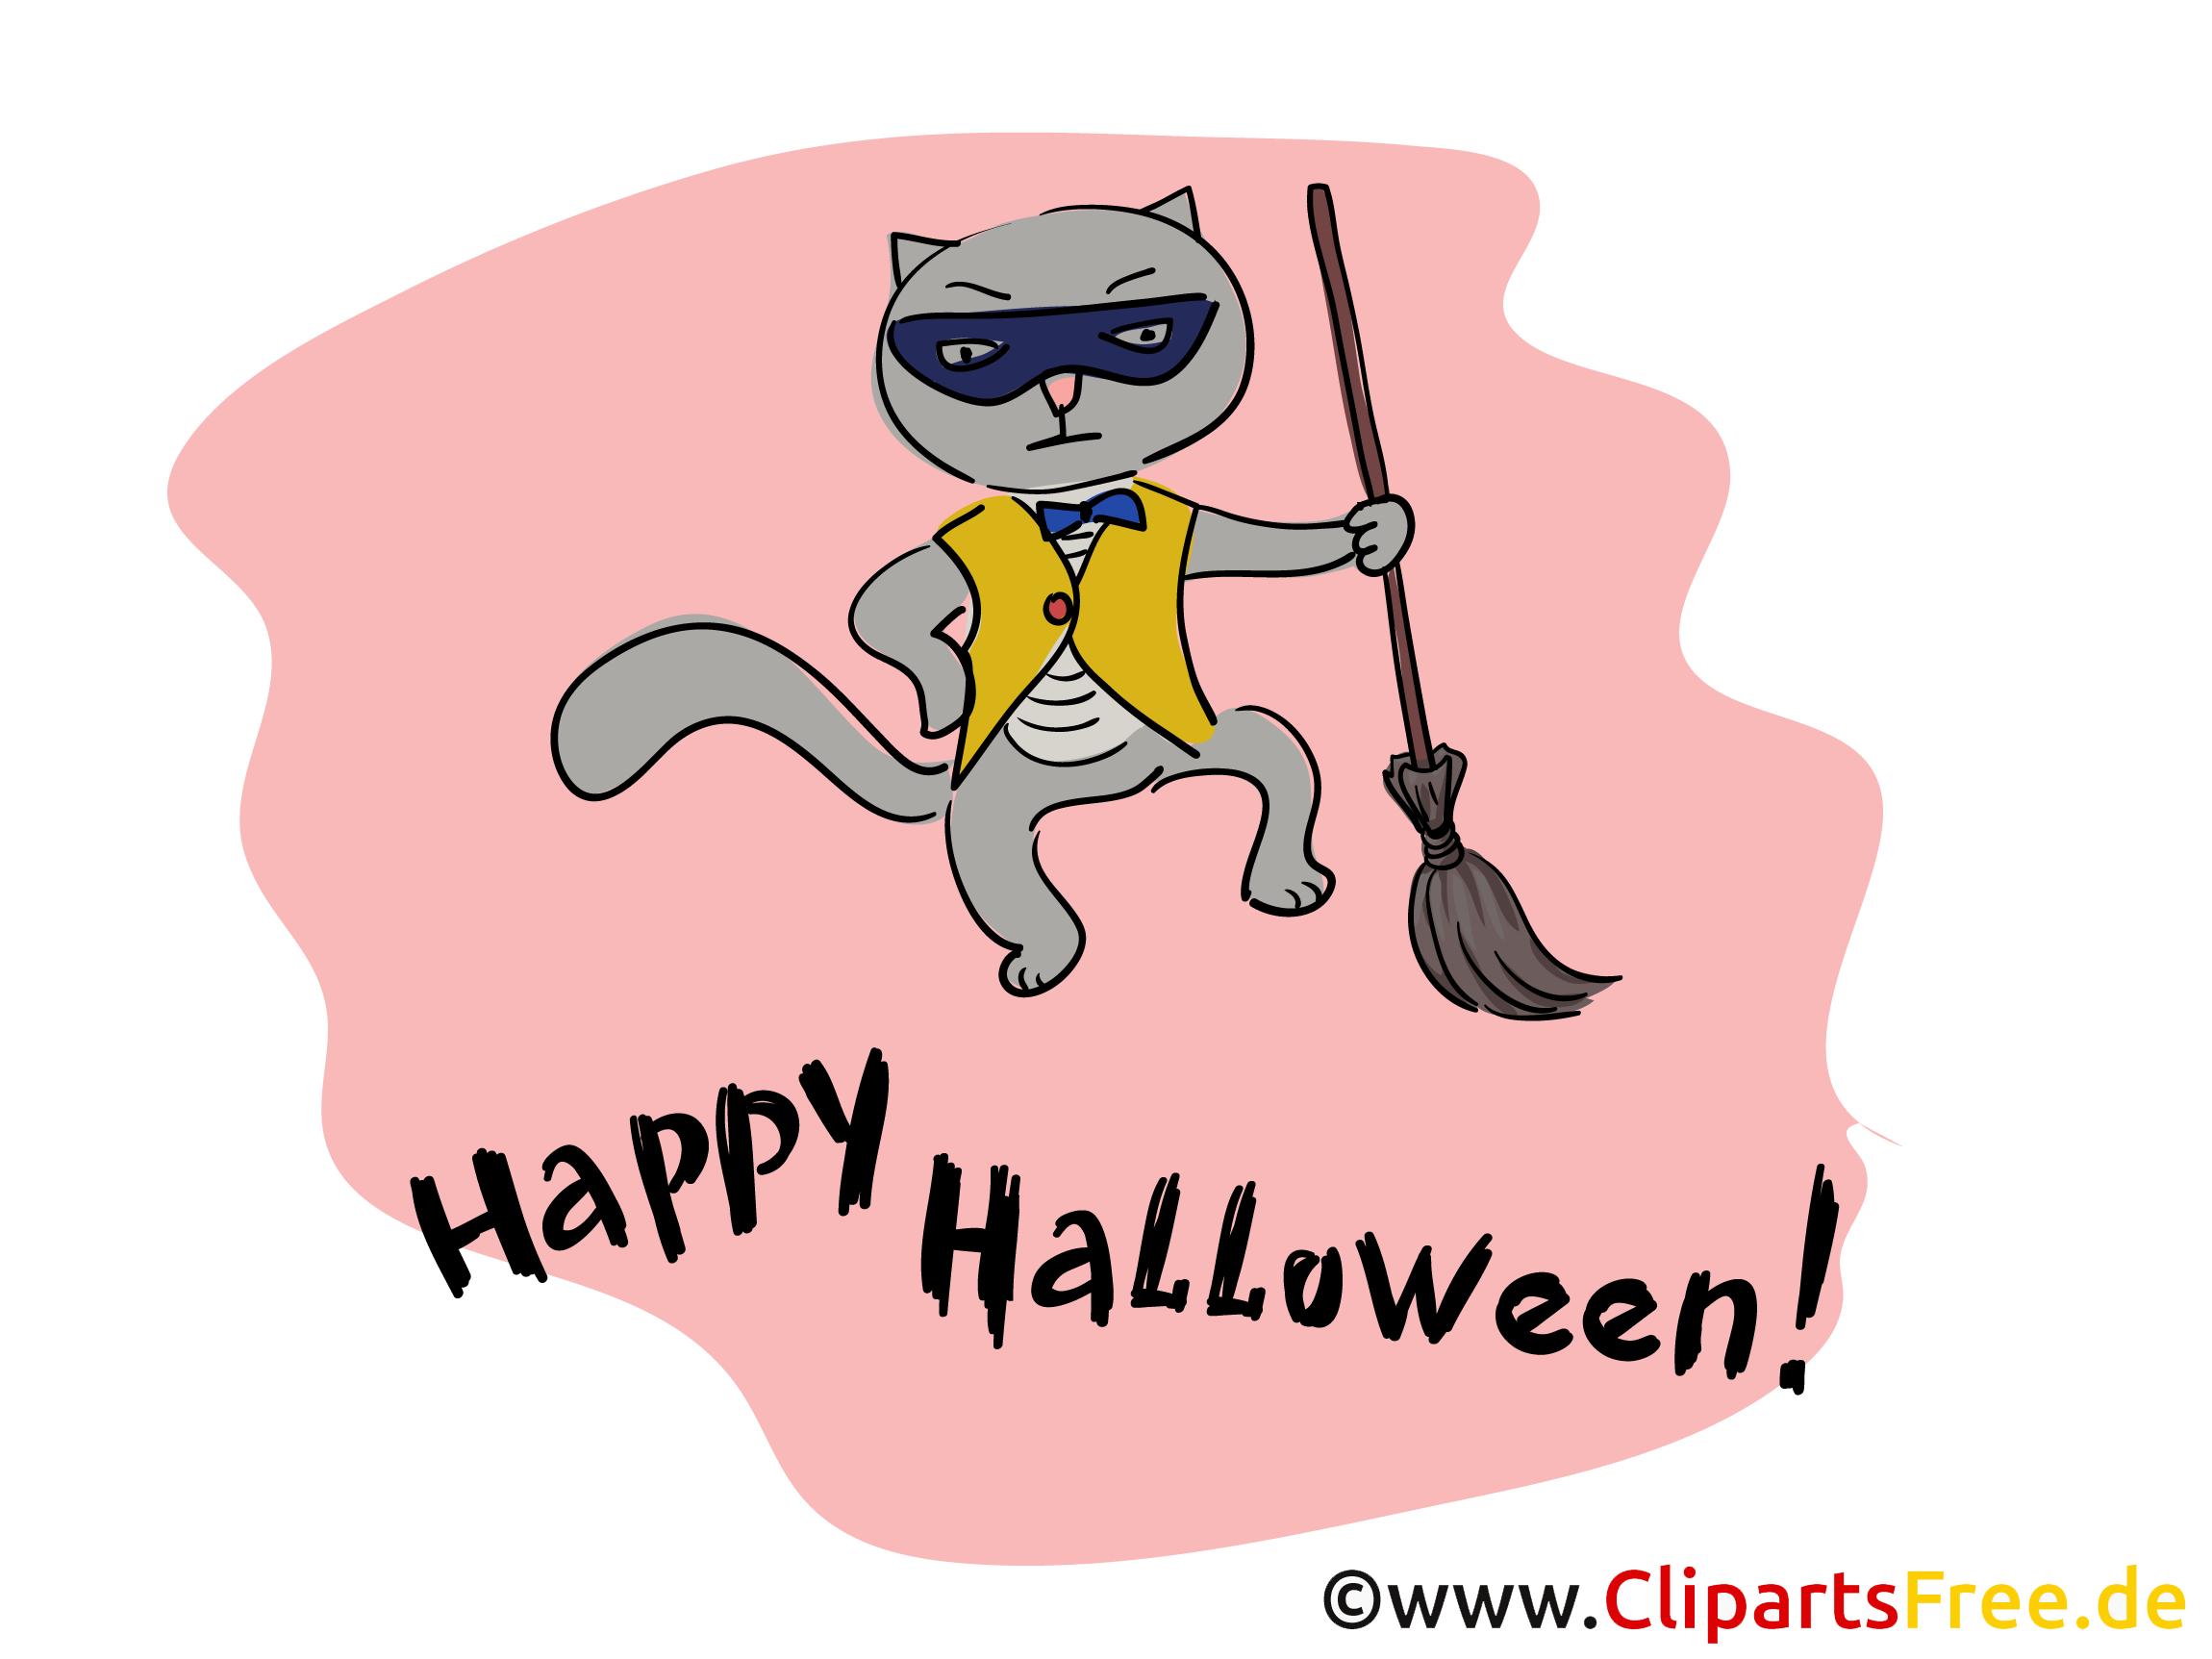 Witziger Kater Clipart, Bild, Cartoon zu Halloween